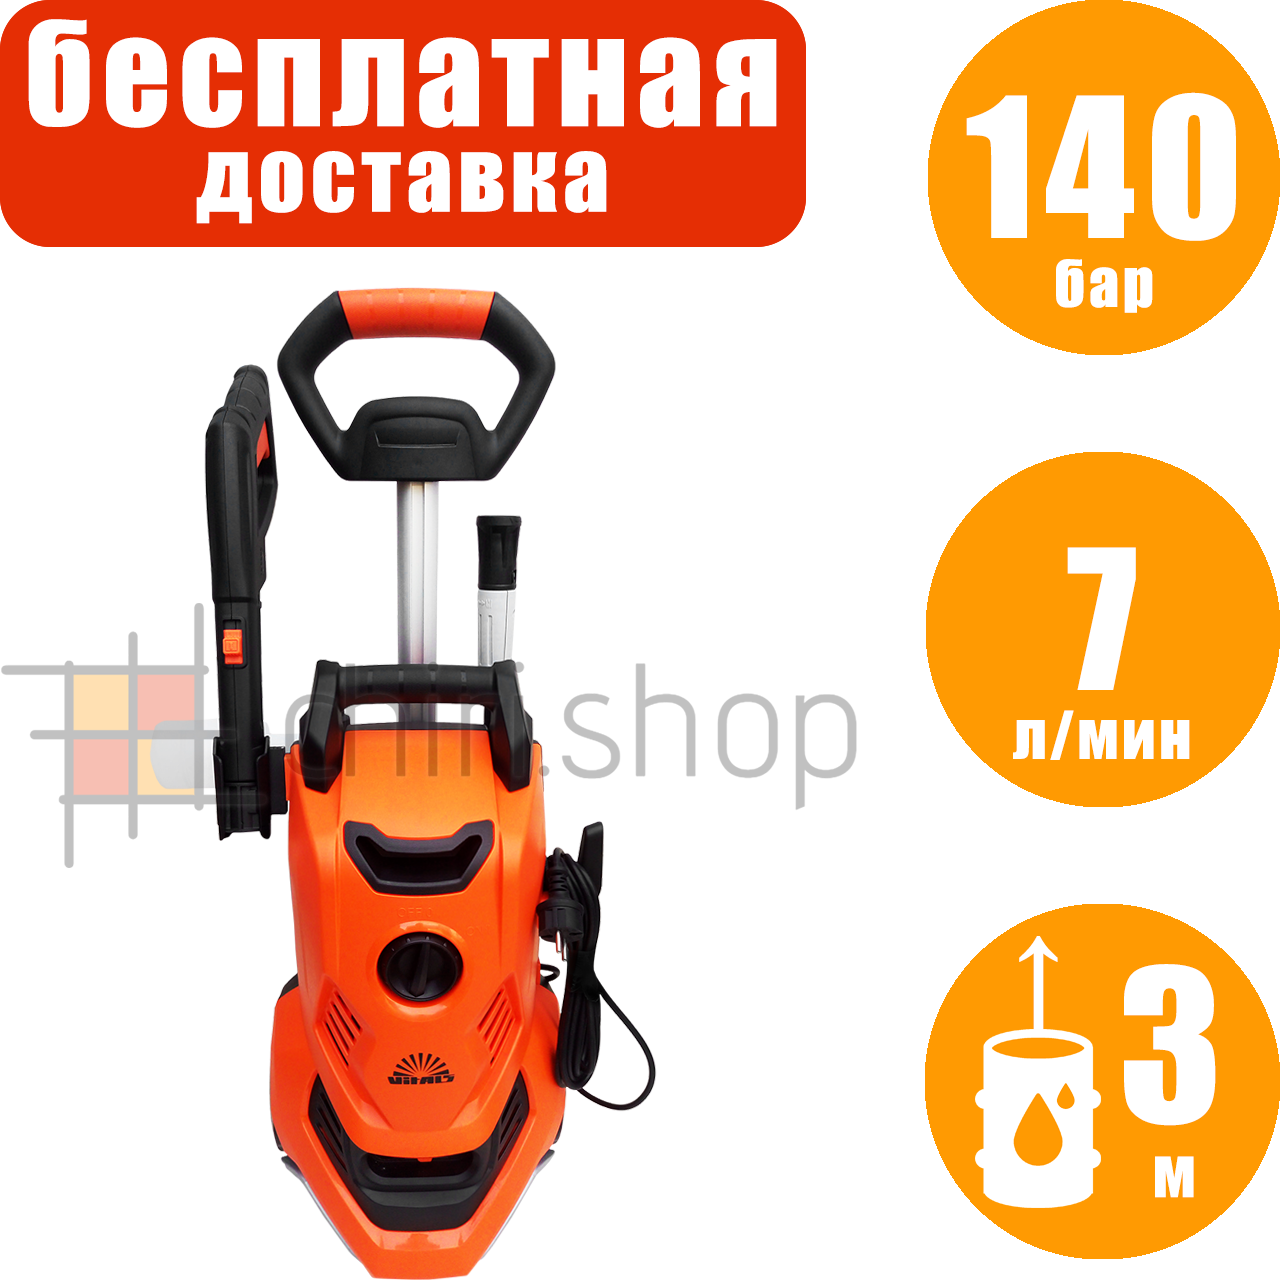 Минимойка Vitals Am 7.0-140w optimum, мойка самовсасывающая, аппарат высокого давления для мойки авто